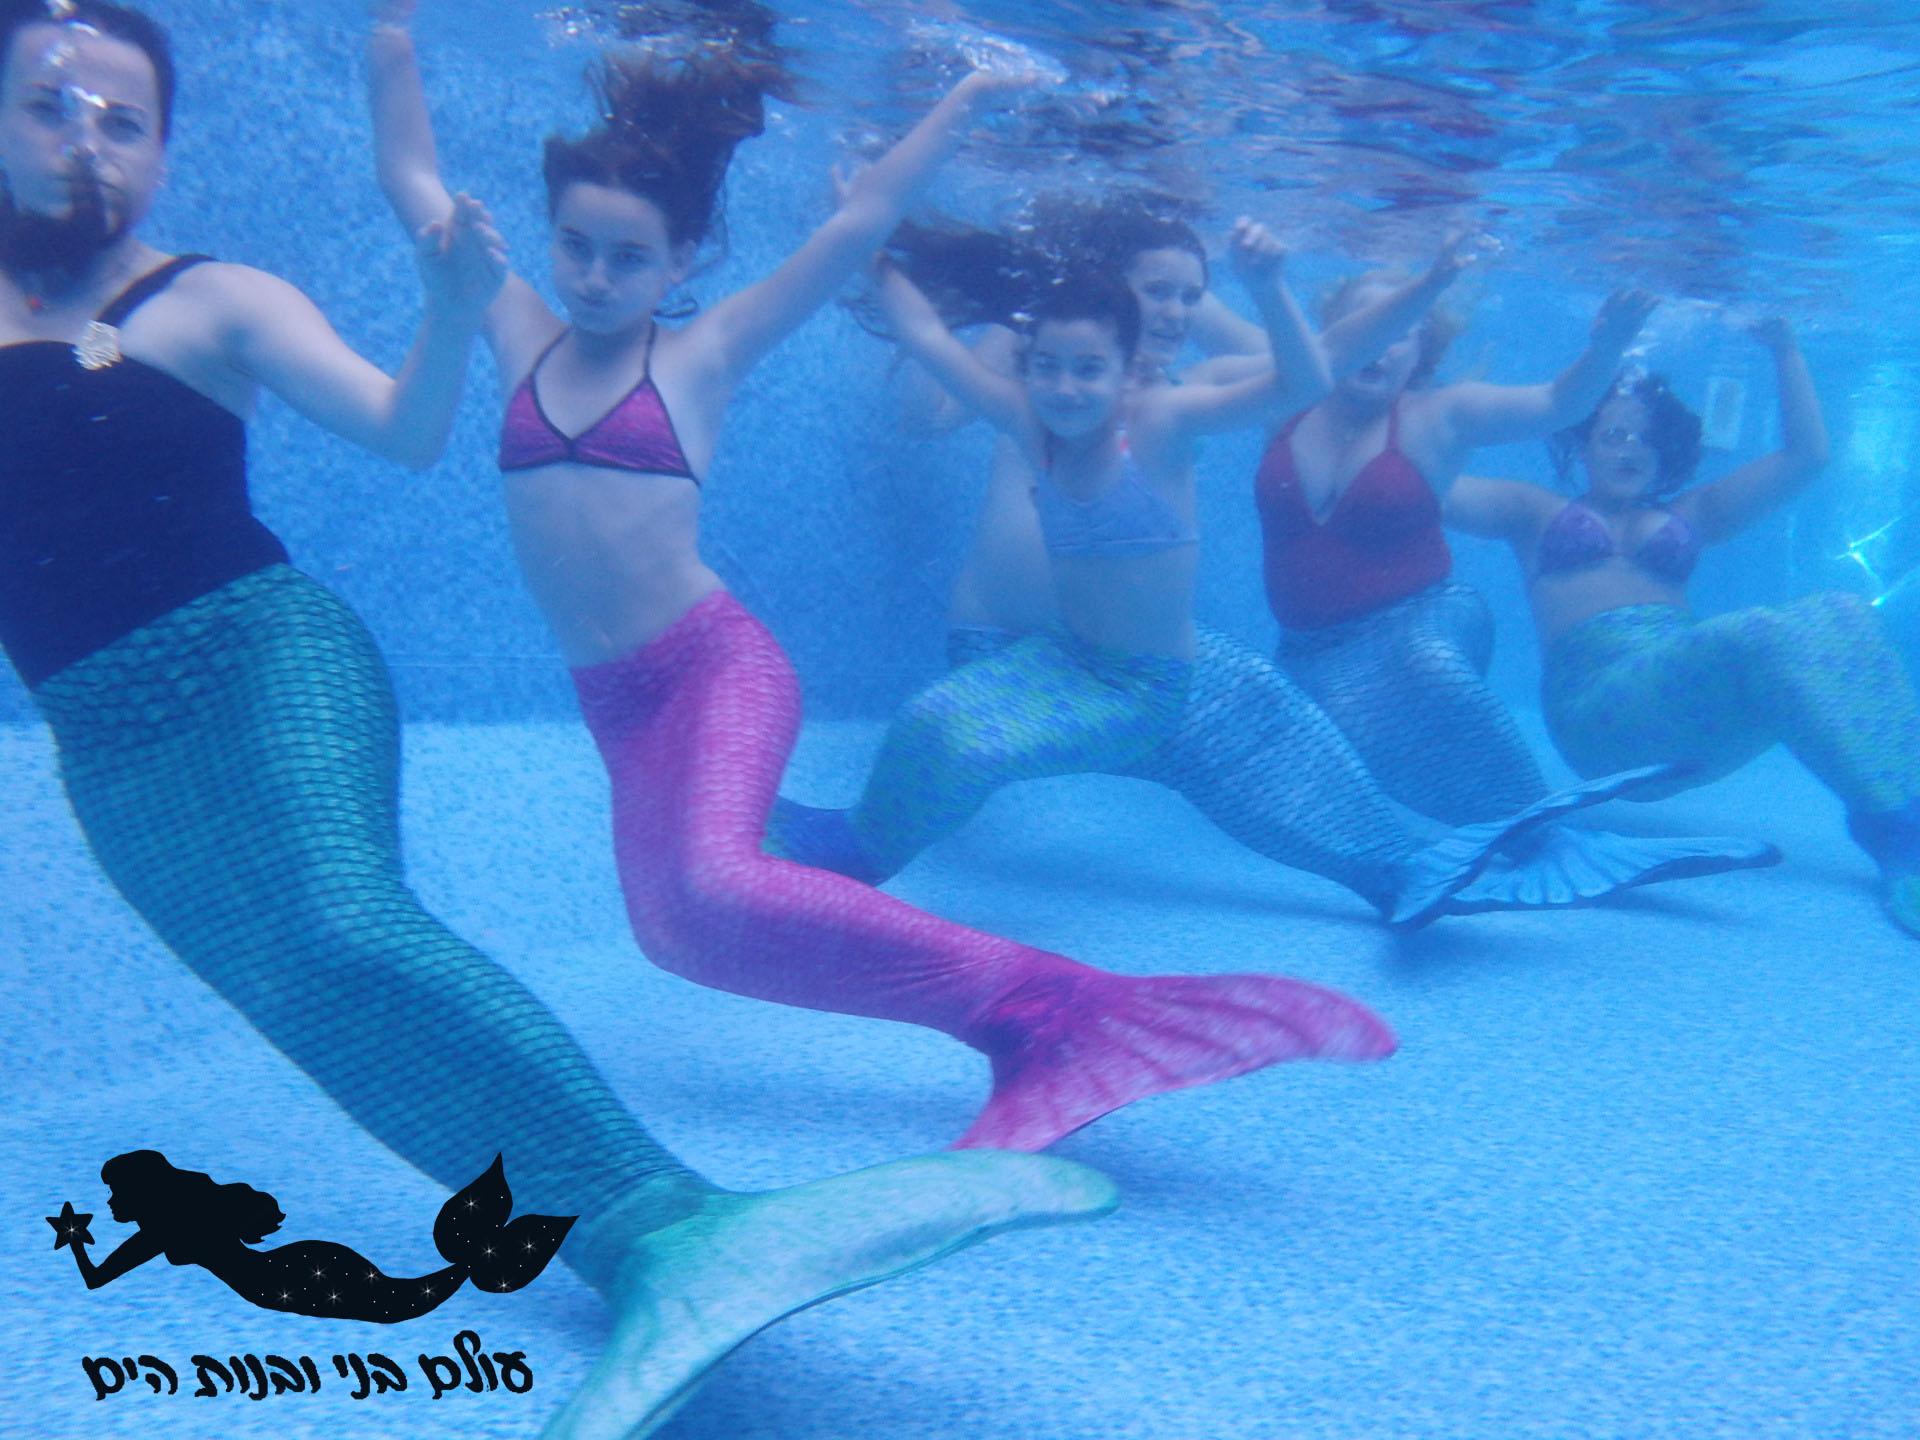 משפחה מתחת למים